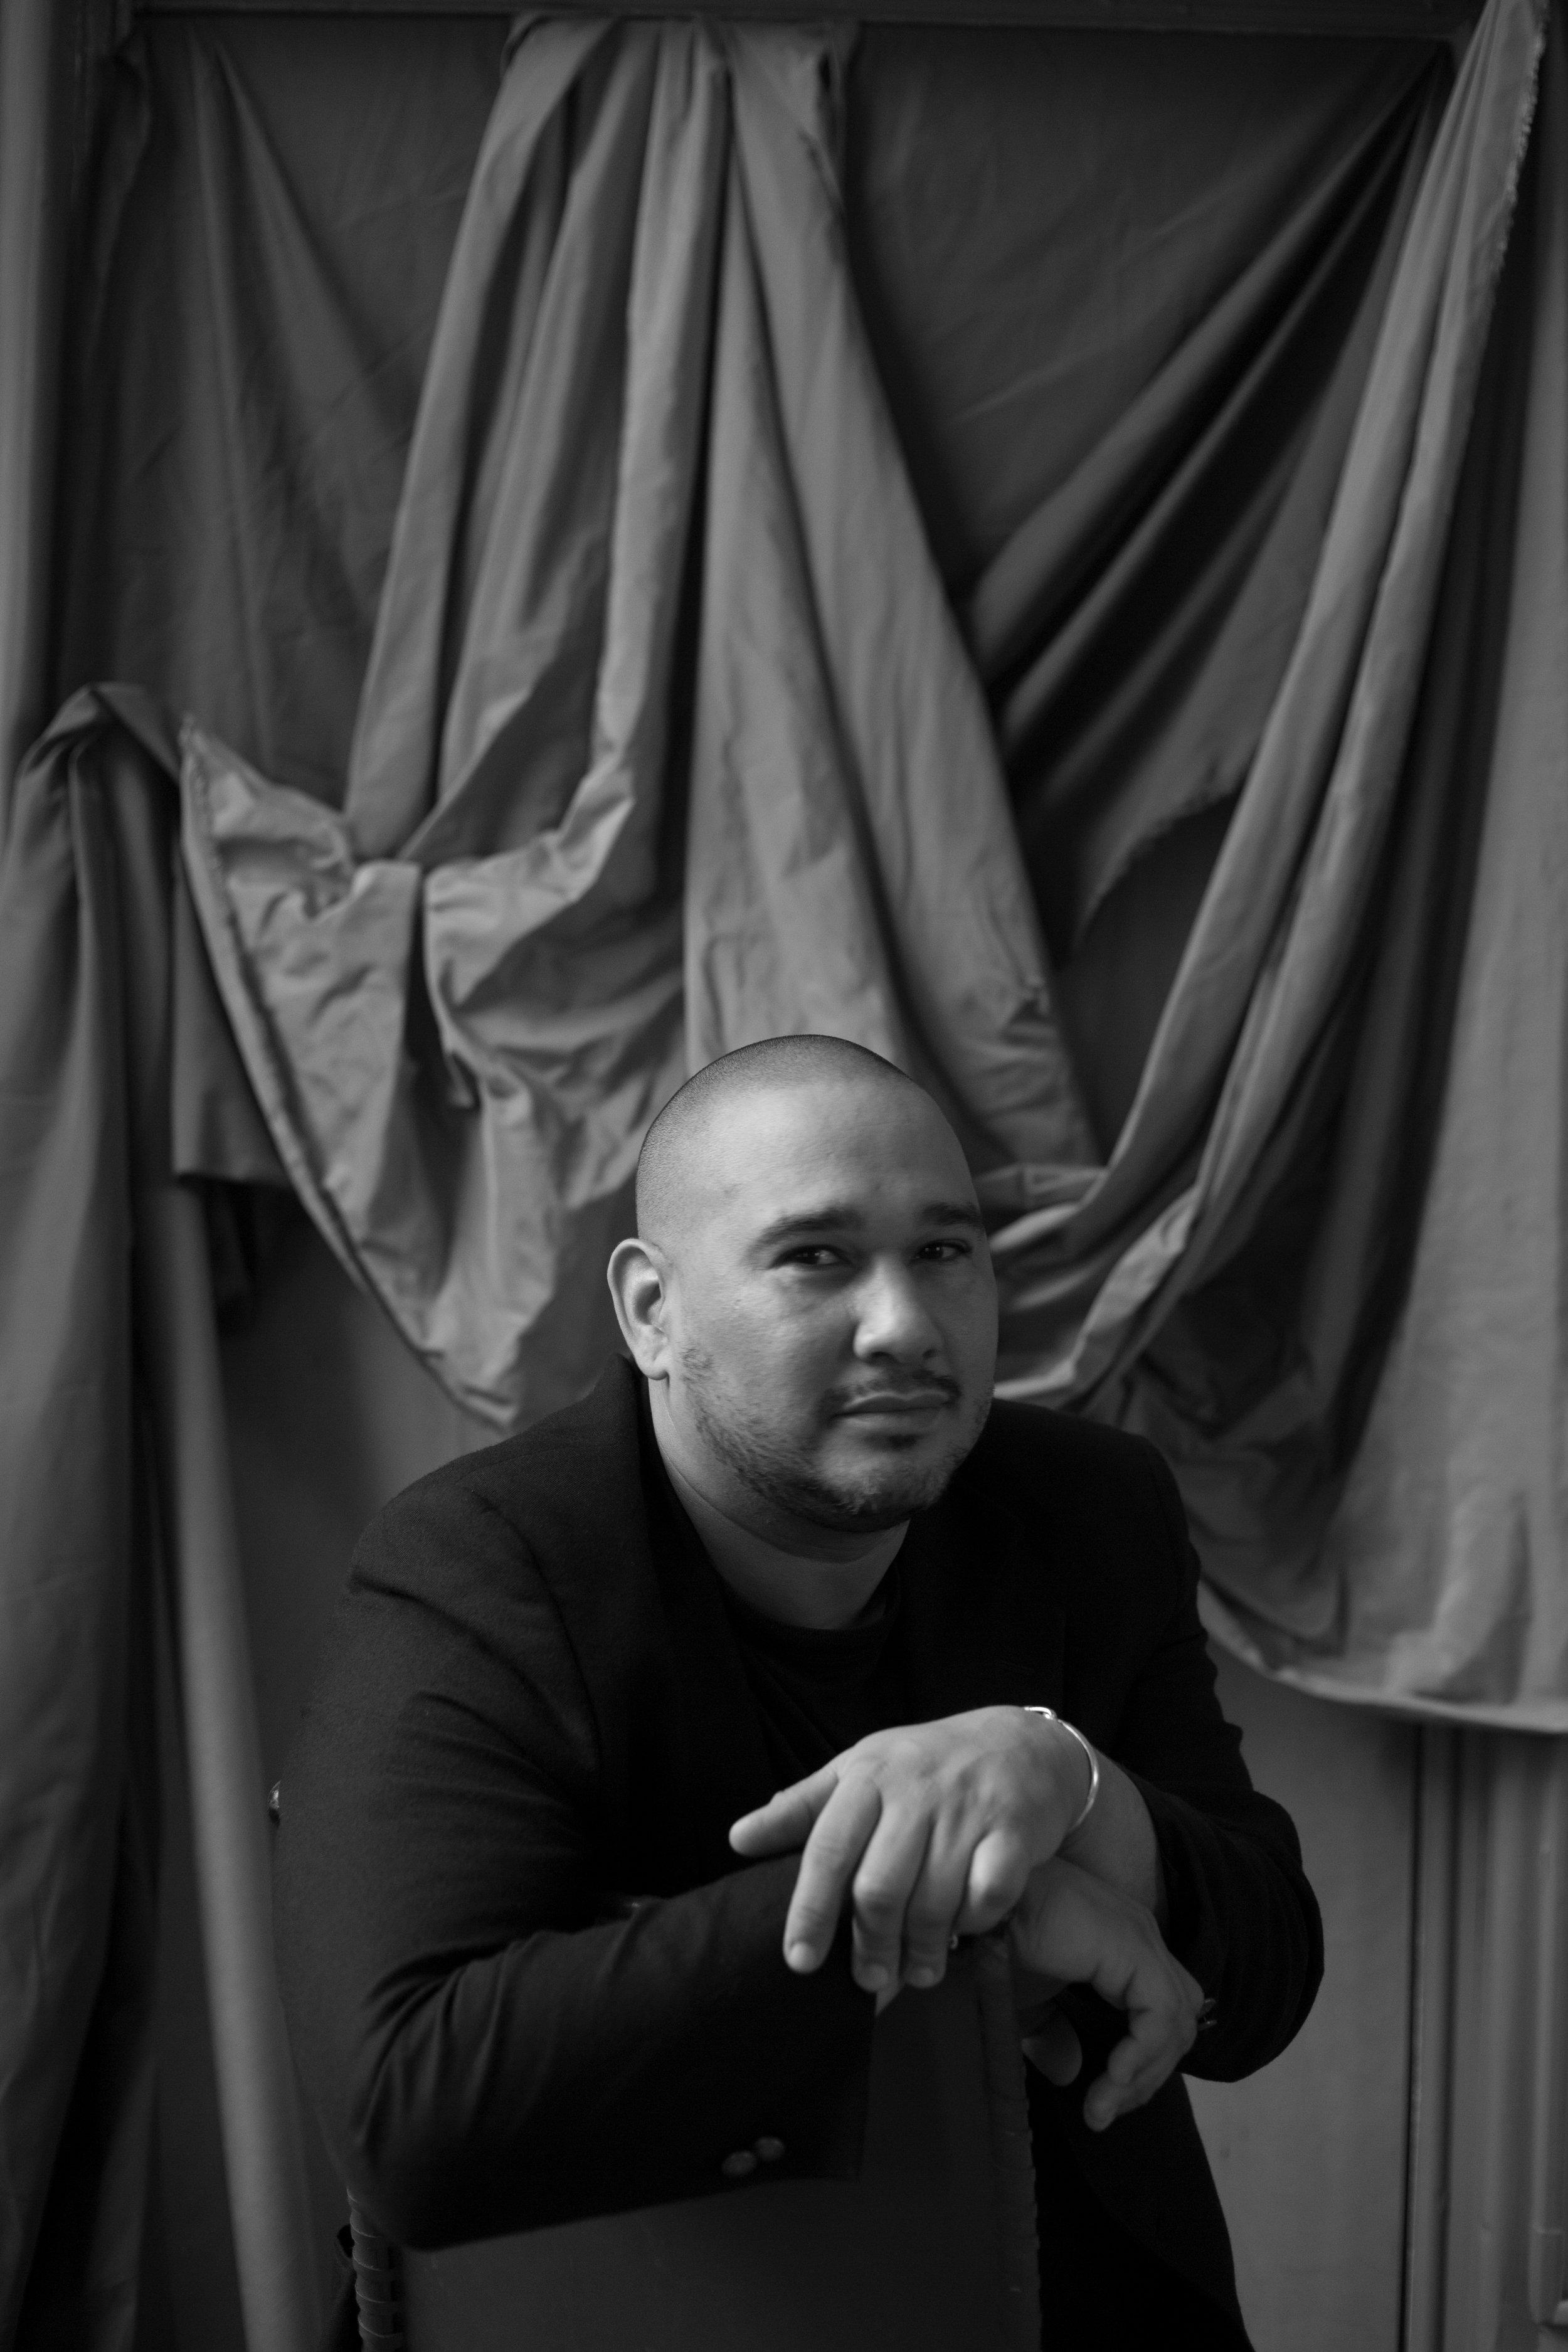 David Antonio Cruz